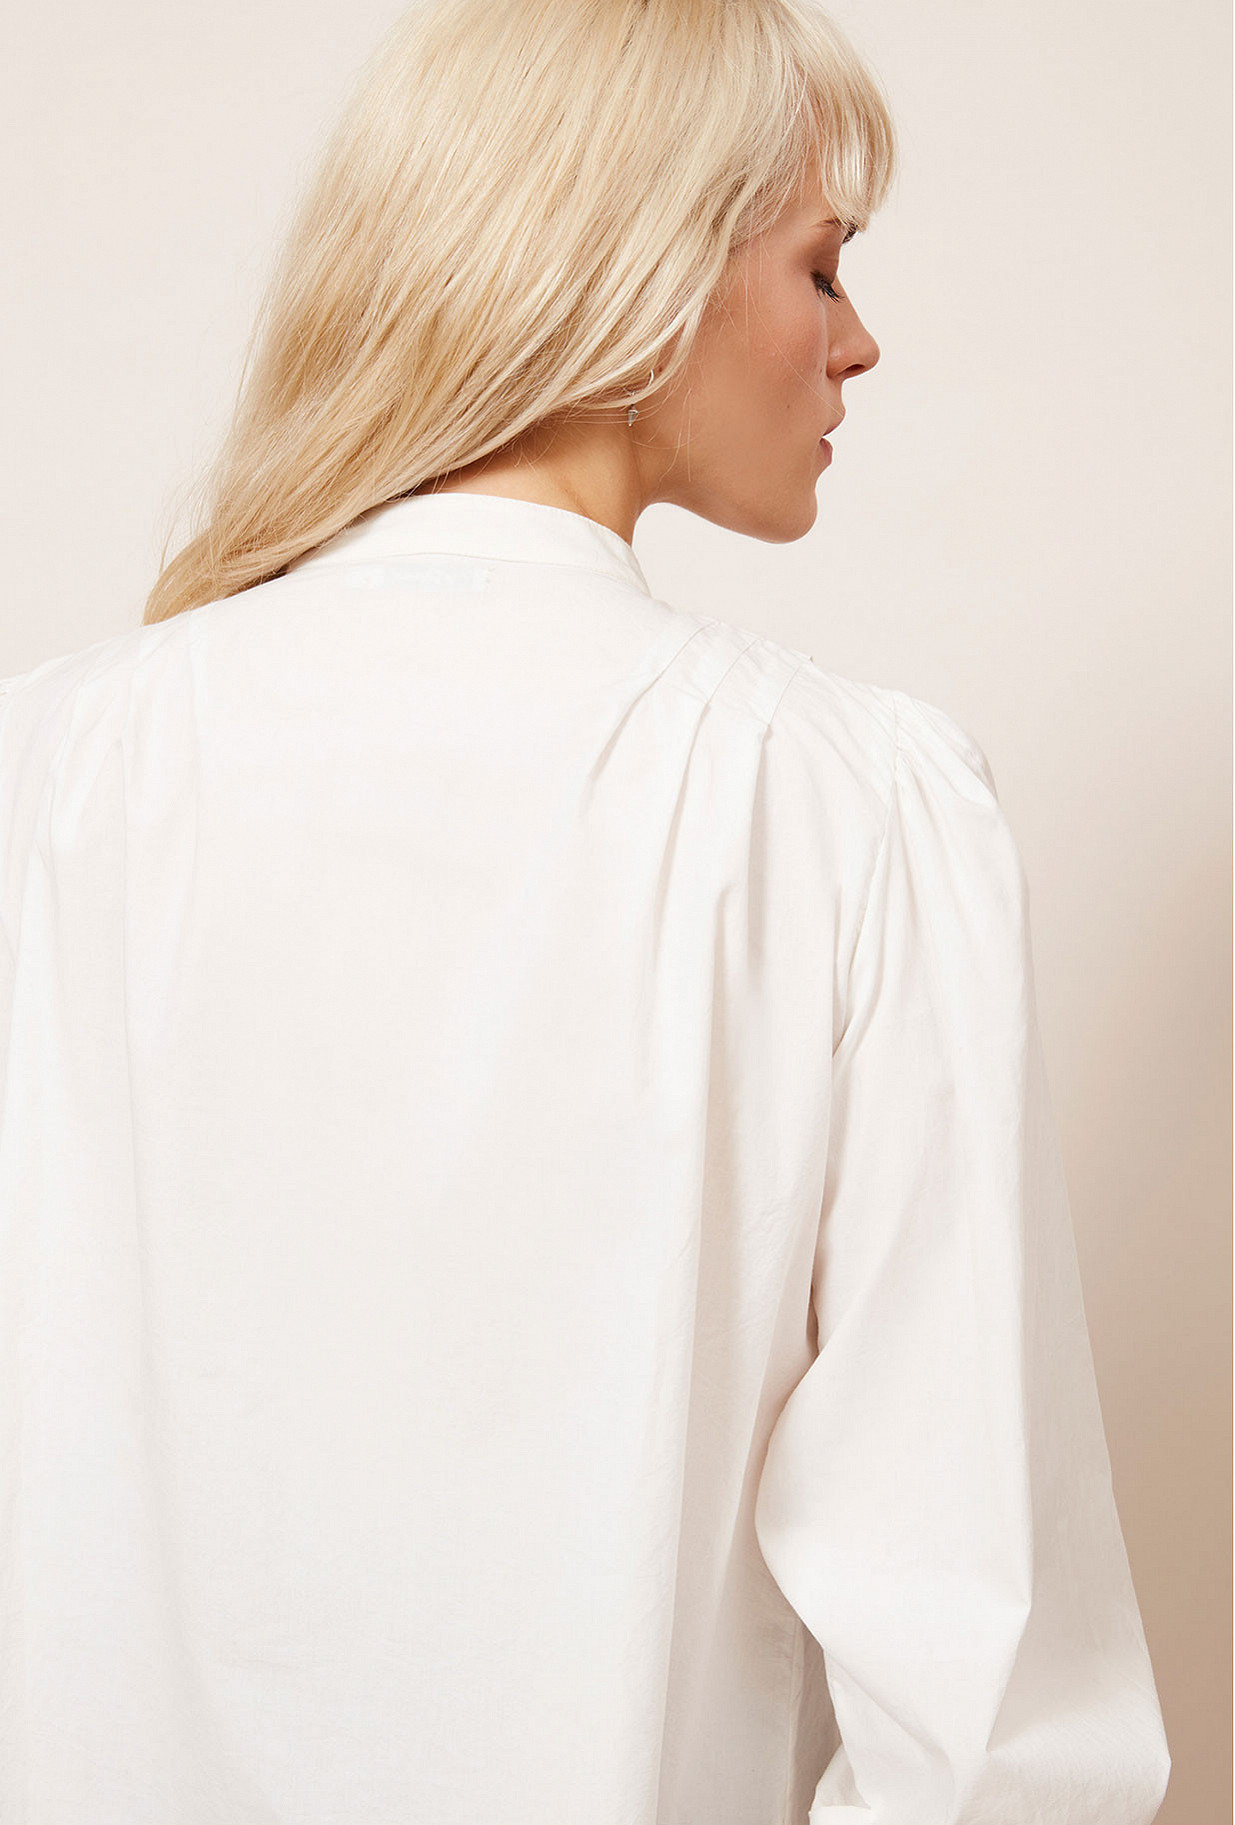 Paris boutique de mode vêtement Chemise créateur bohème  Jabot